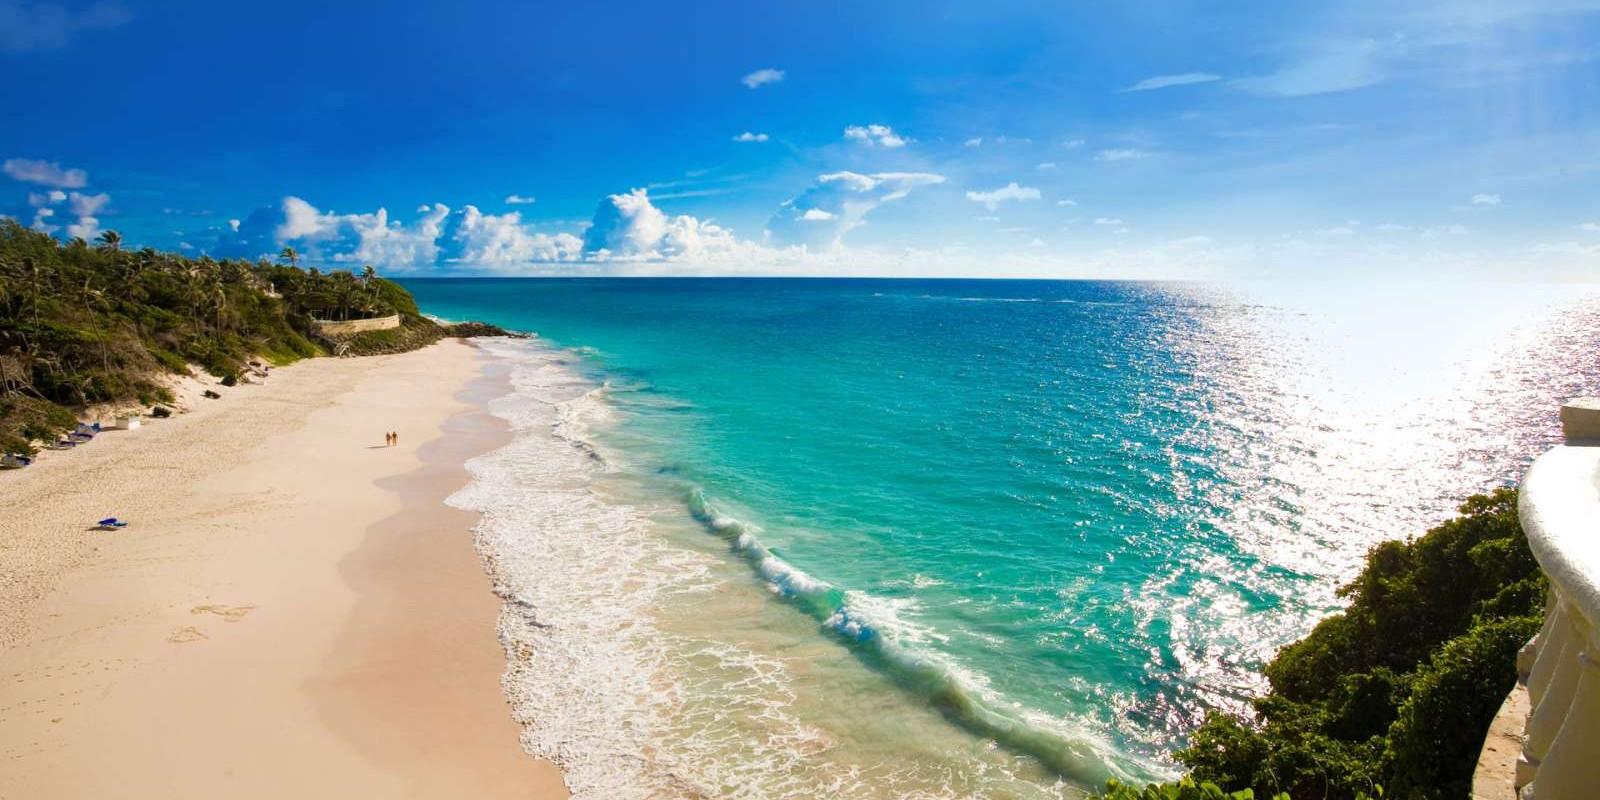 Crane Beach, East Coast Barbados